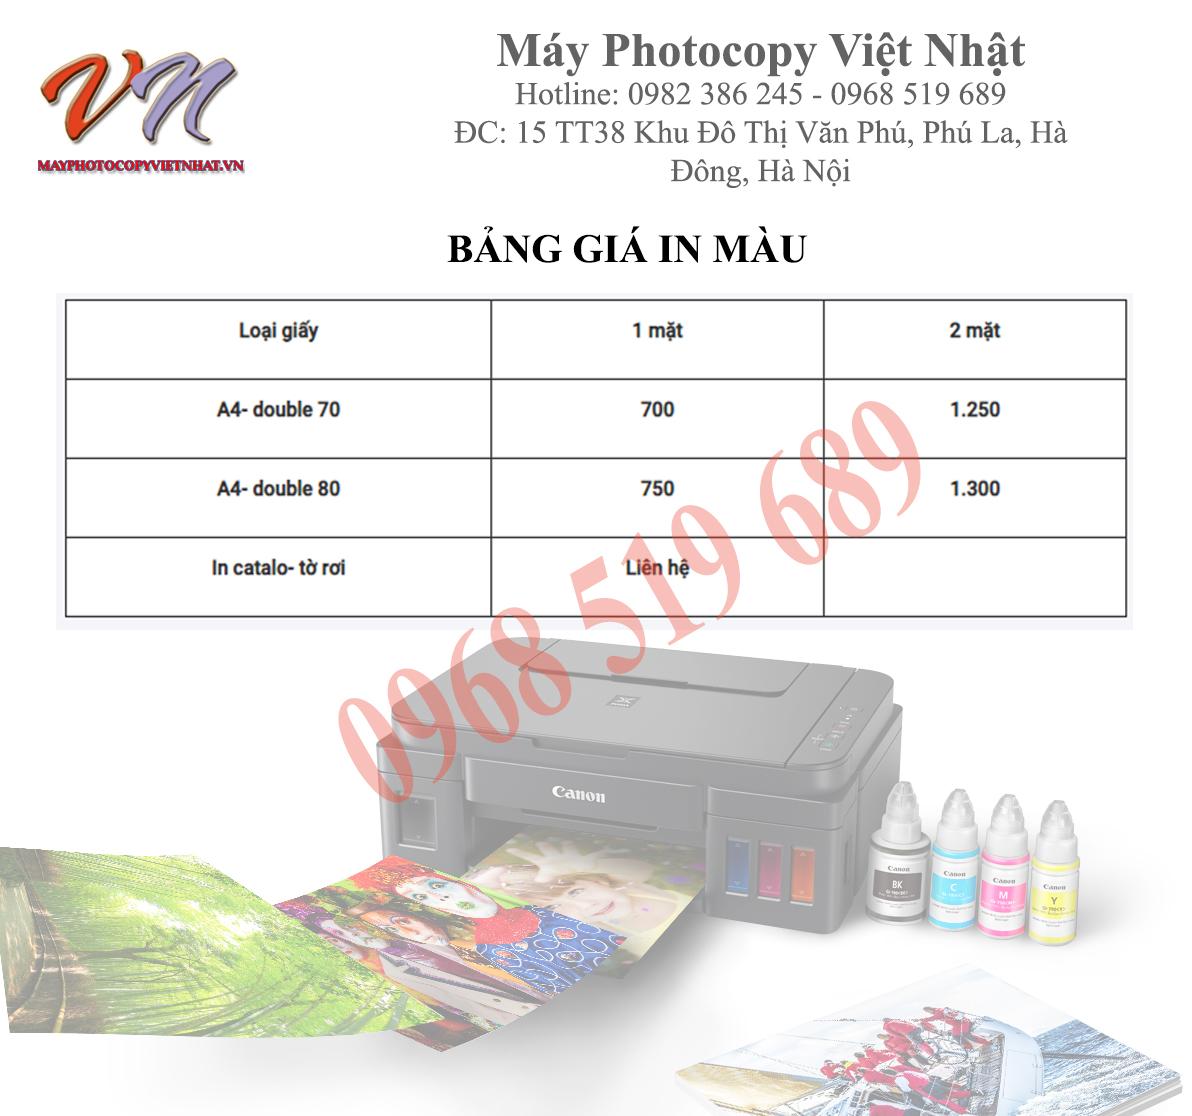 Dịch vụ in màu giá rẻ tại Hà Nội